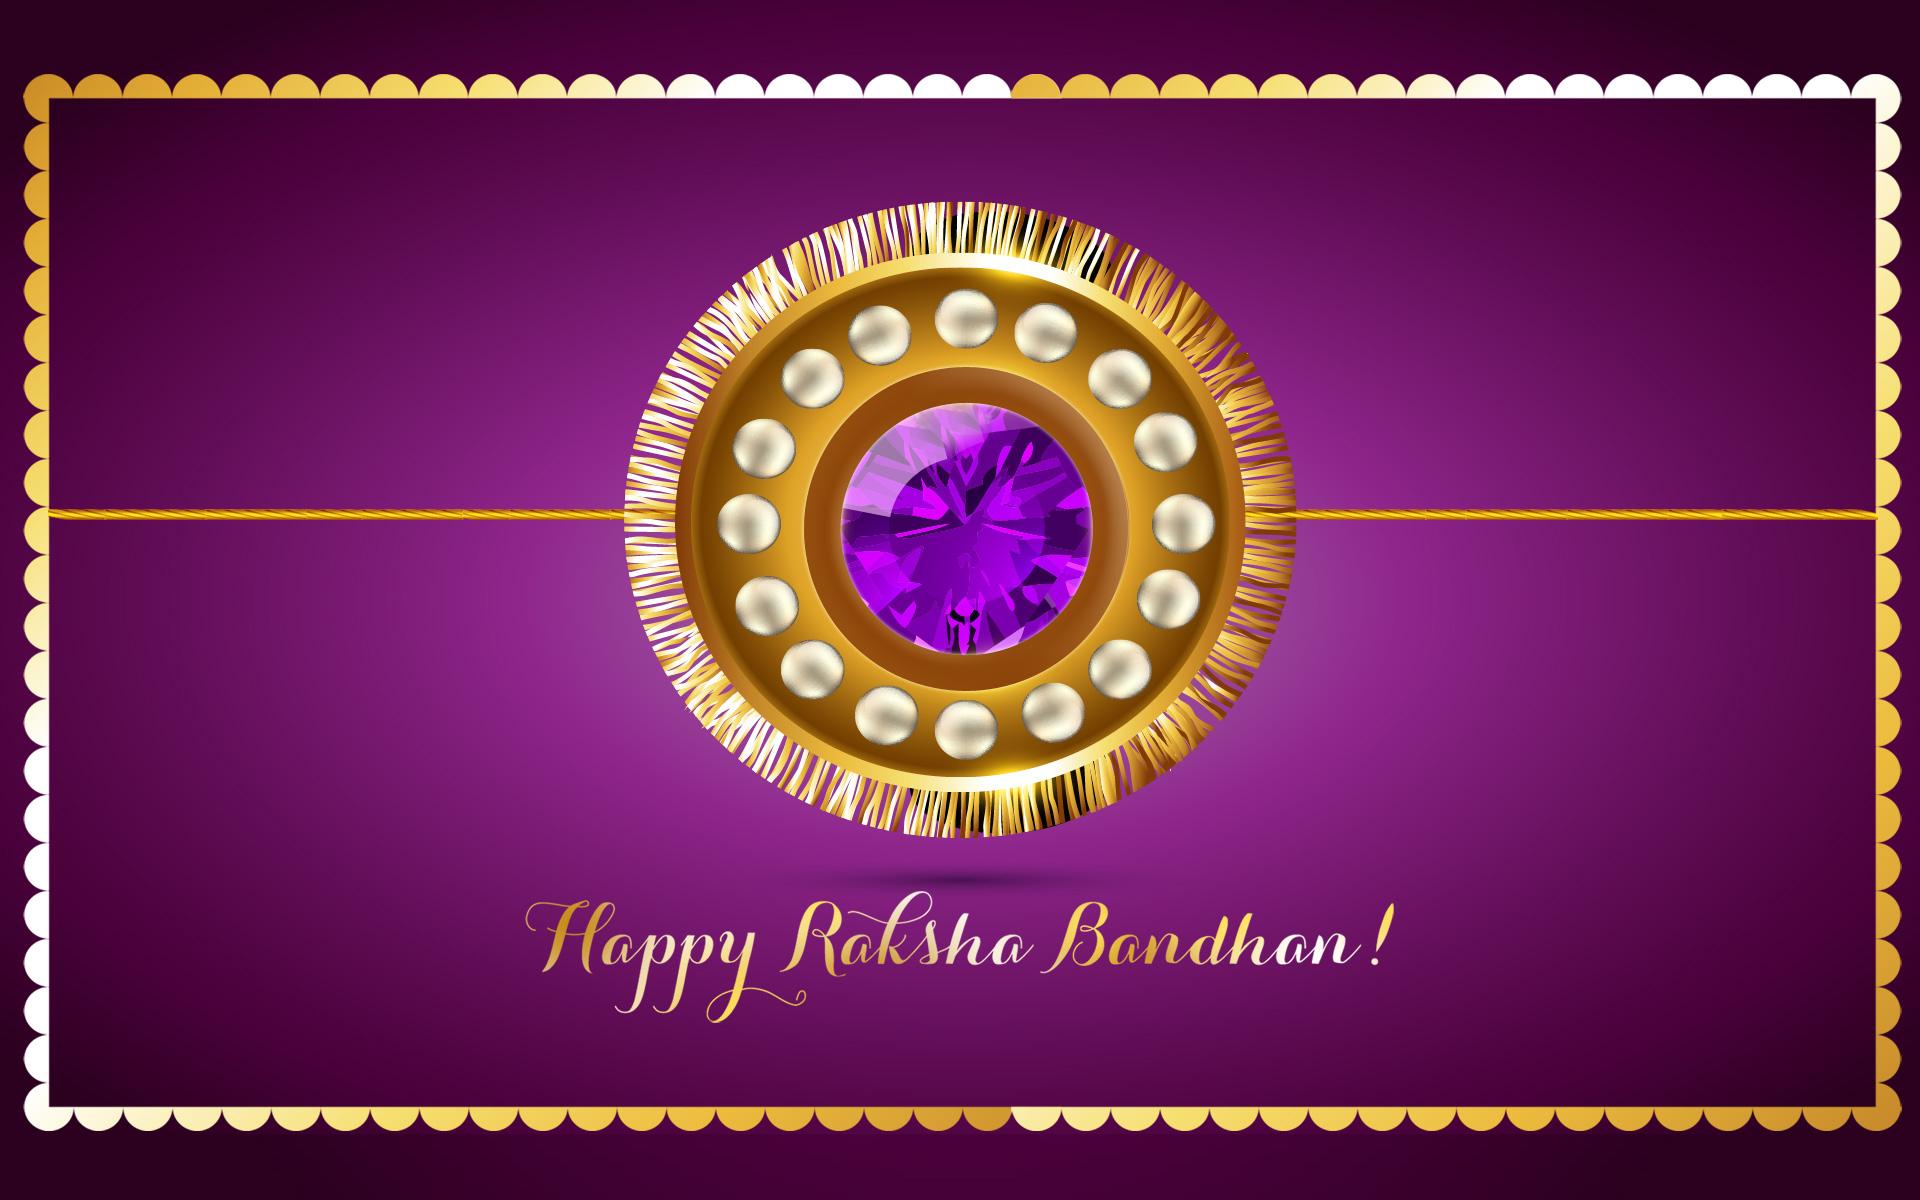 Happy Raksha Bandhan Facebook Covers